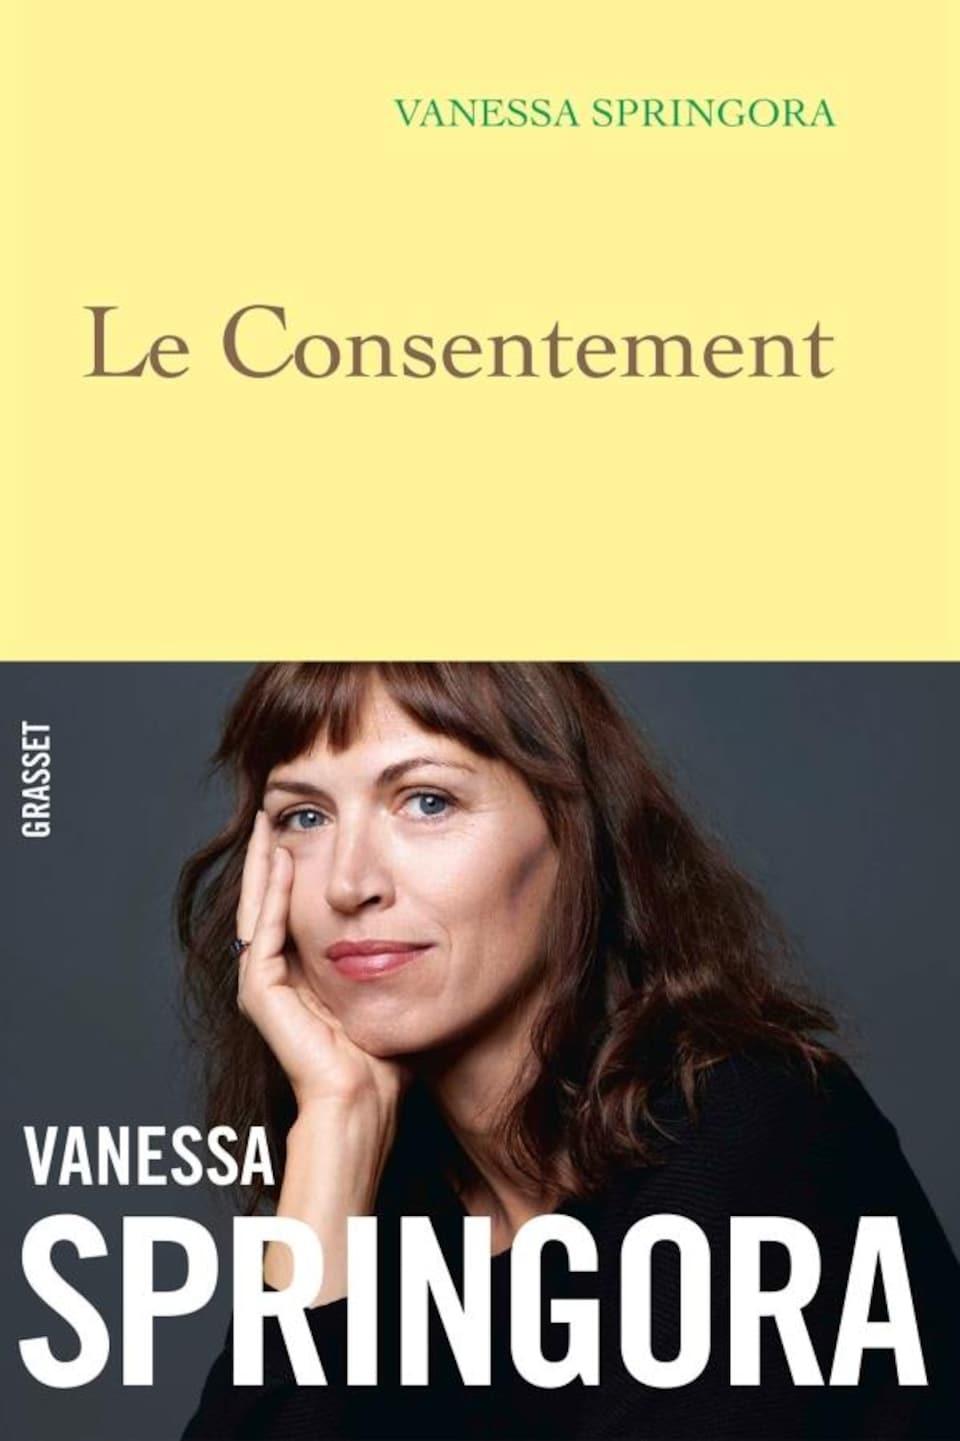 Couverture du livre, qui est jaune avec la photo de l'autrice dessus